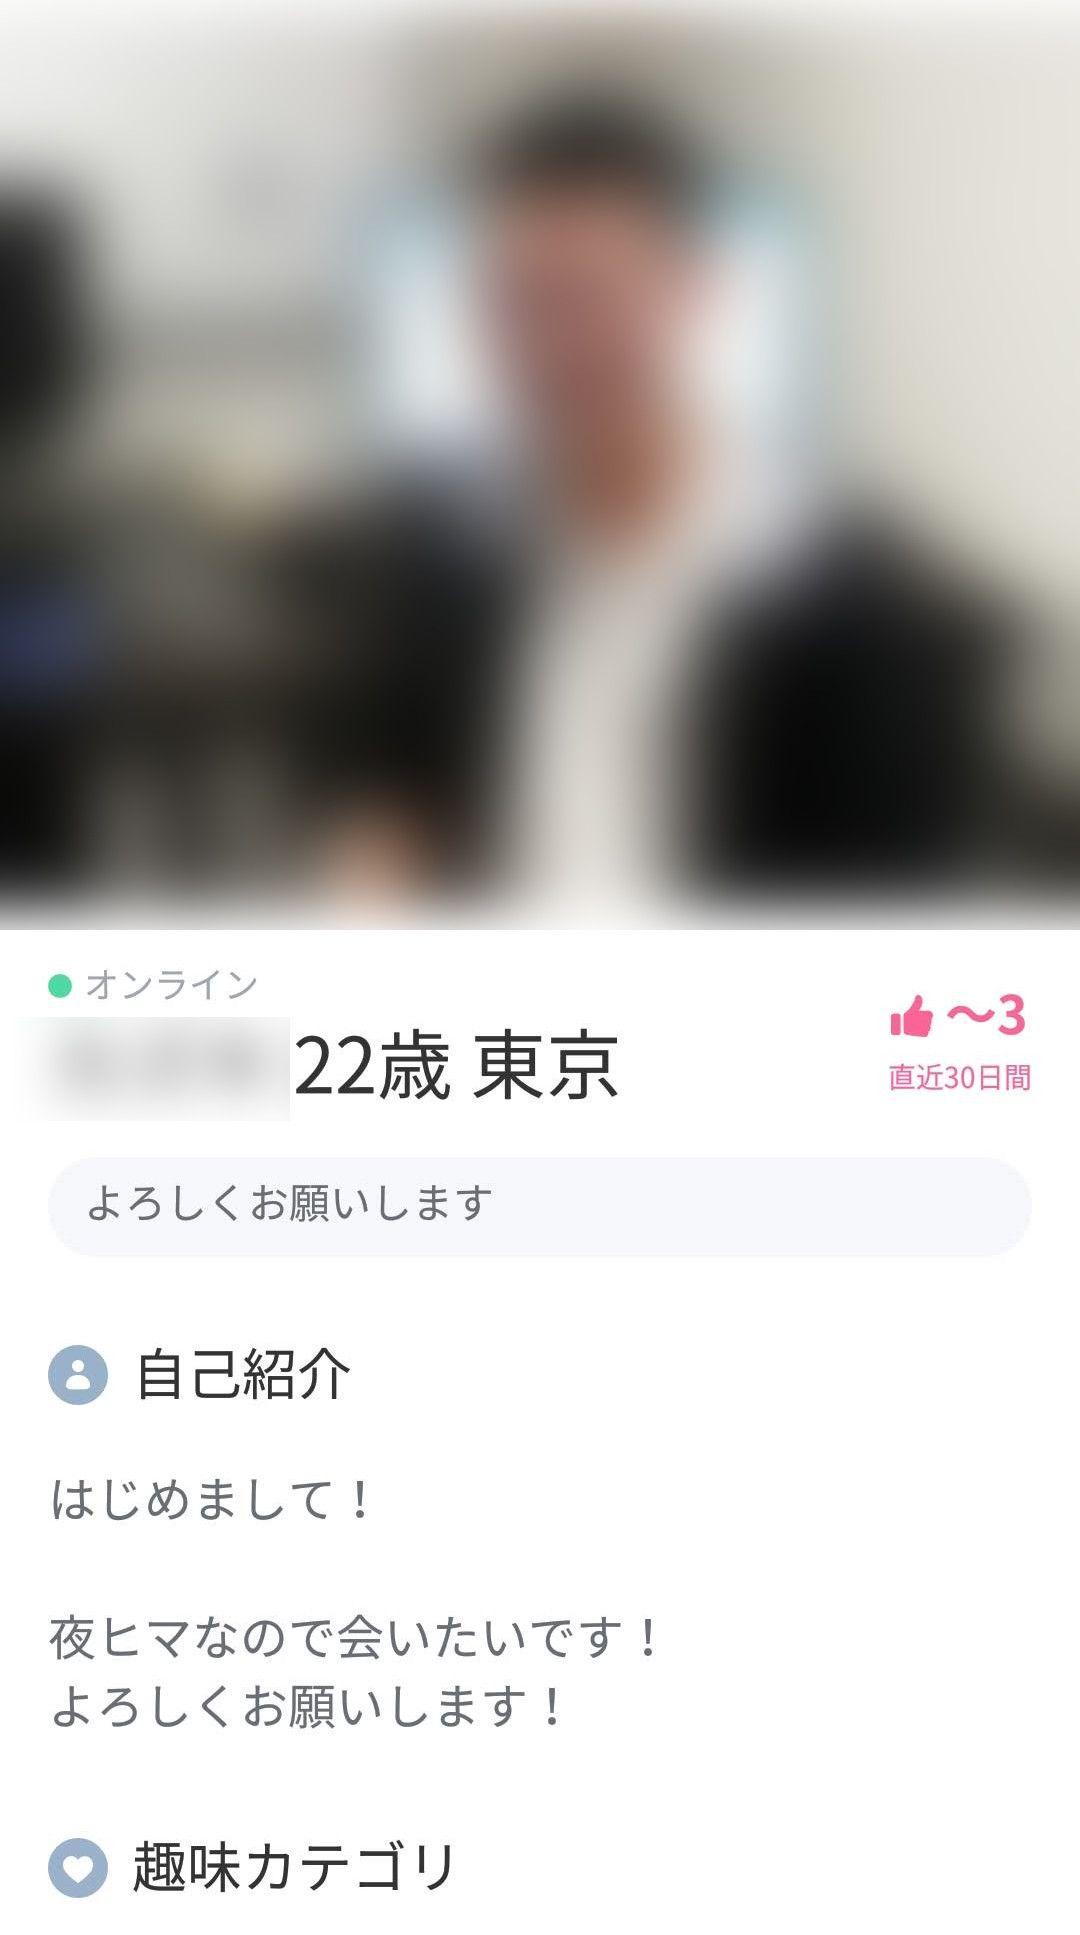 マッチングアプリ 3. ヤリモク